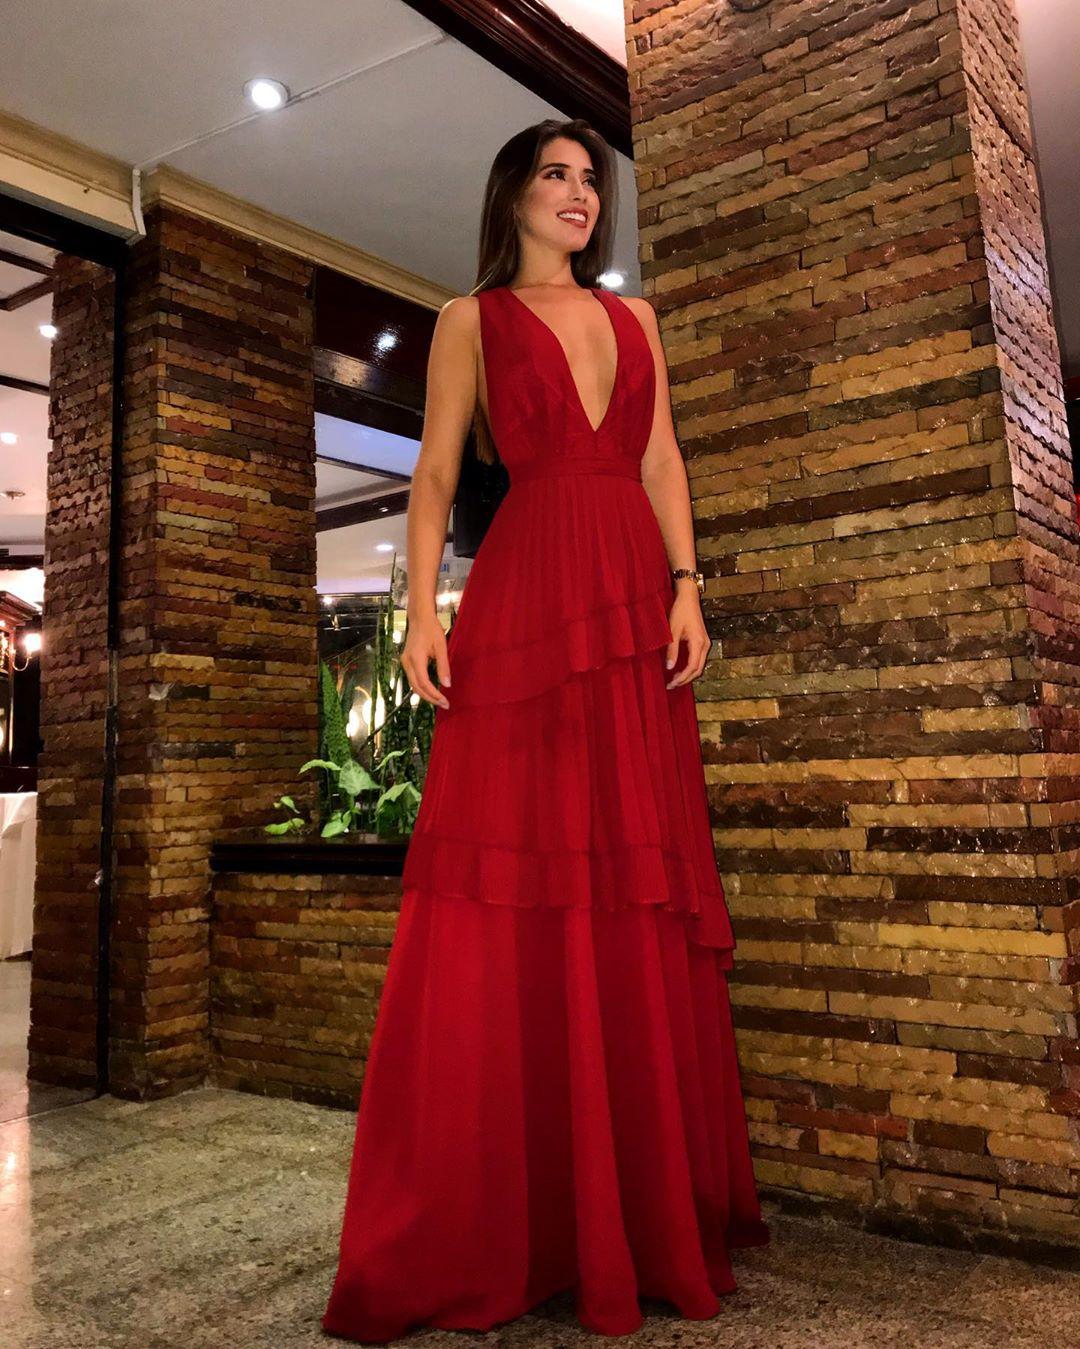 laura claro, primera finalista de reyna hispanoamericana 2019. - Página 8 83706011